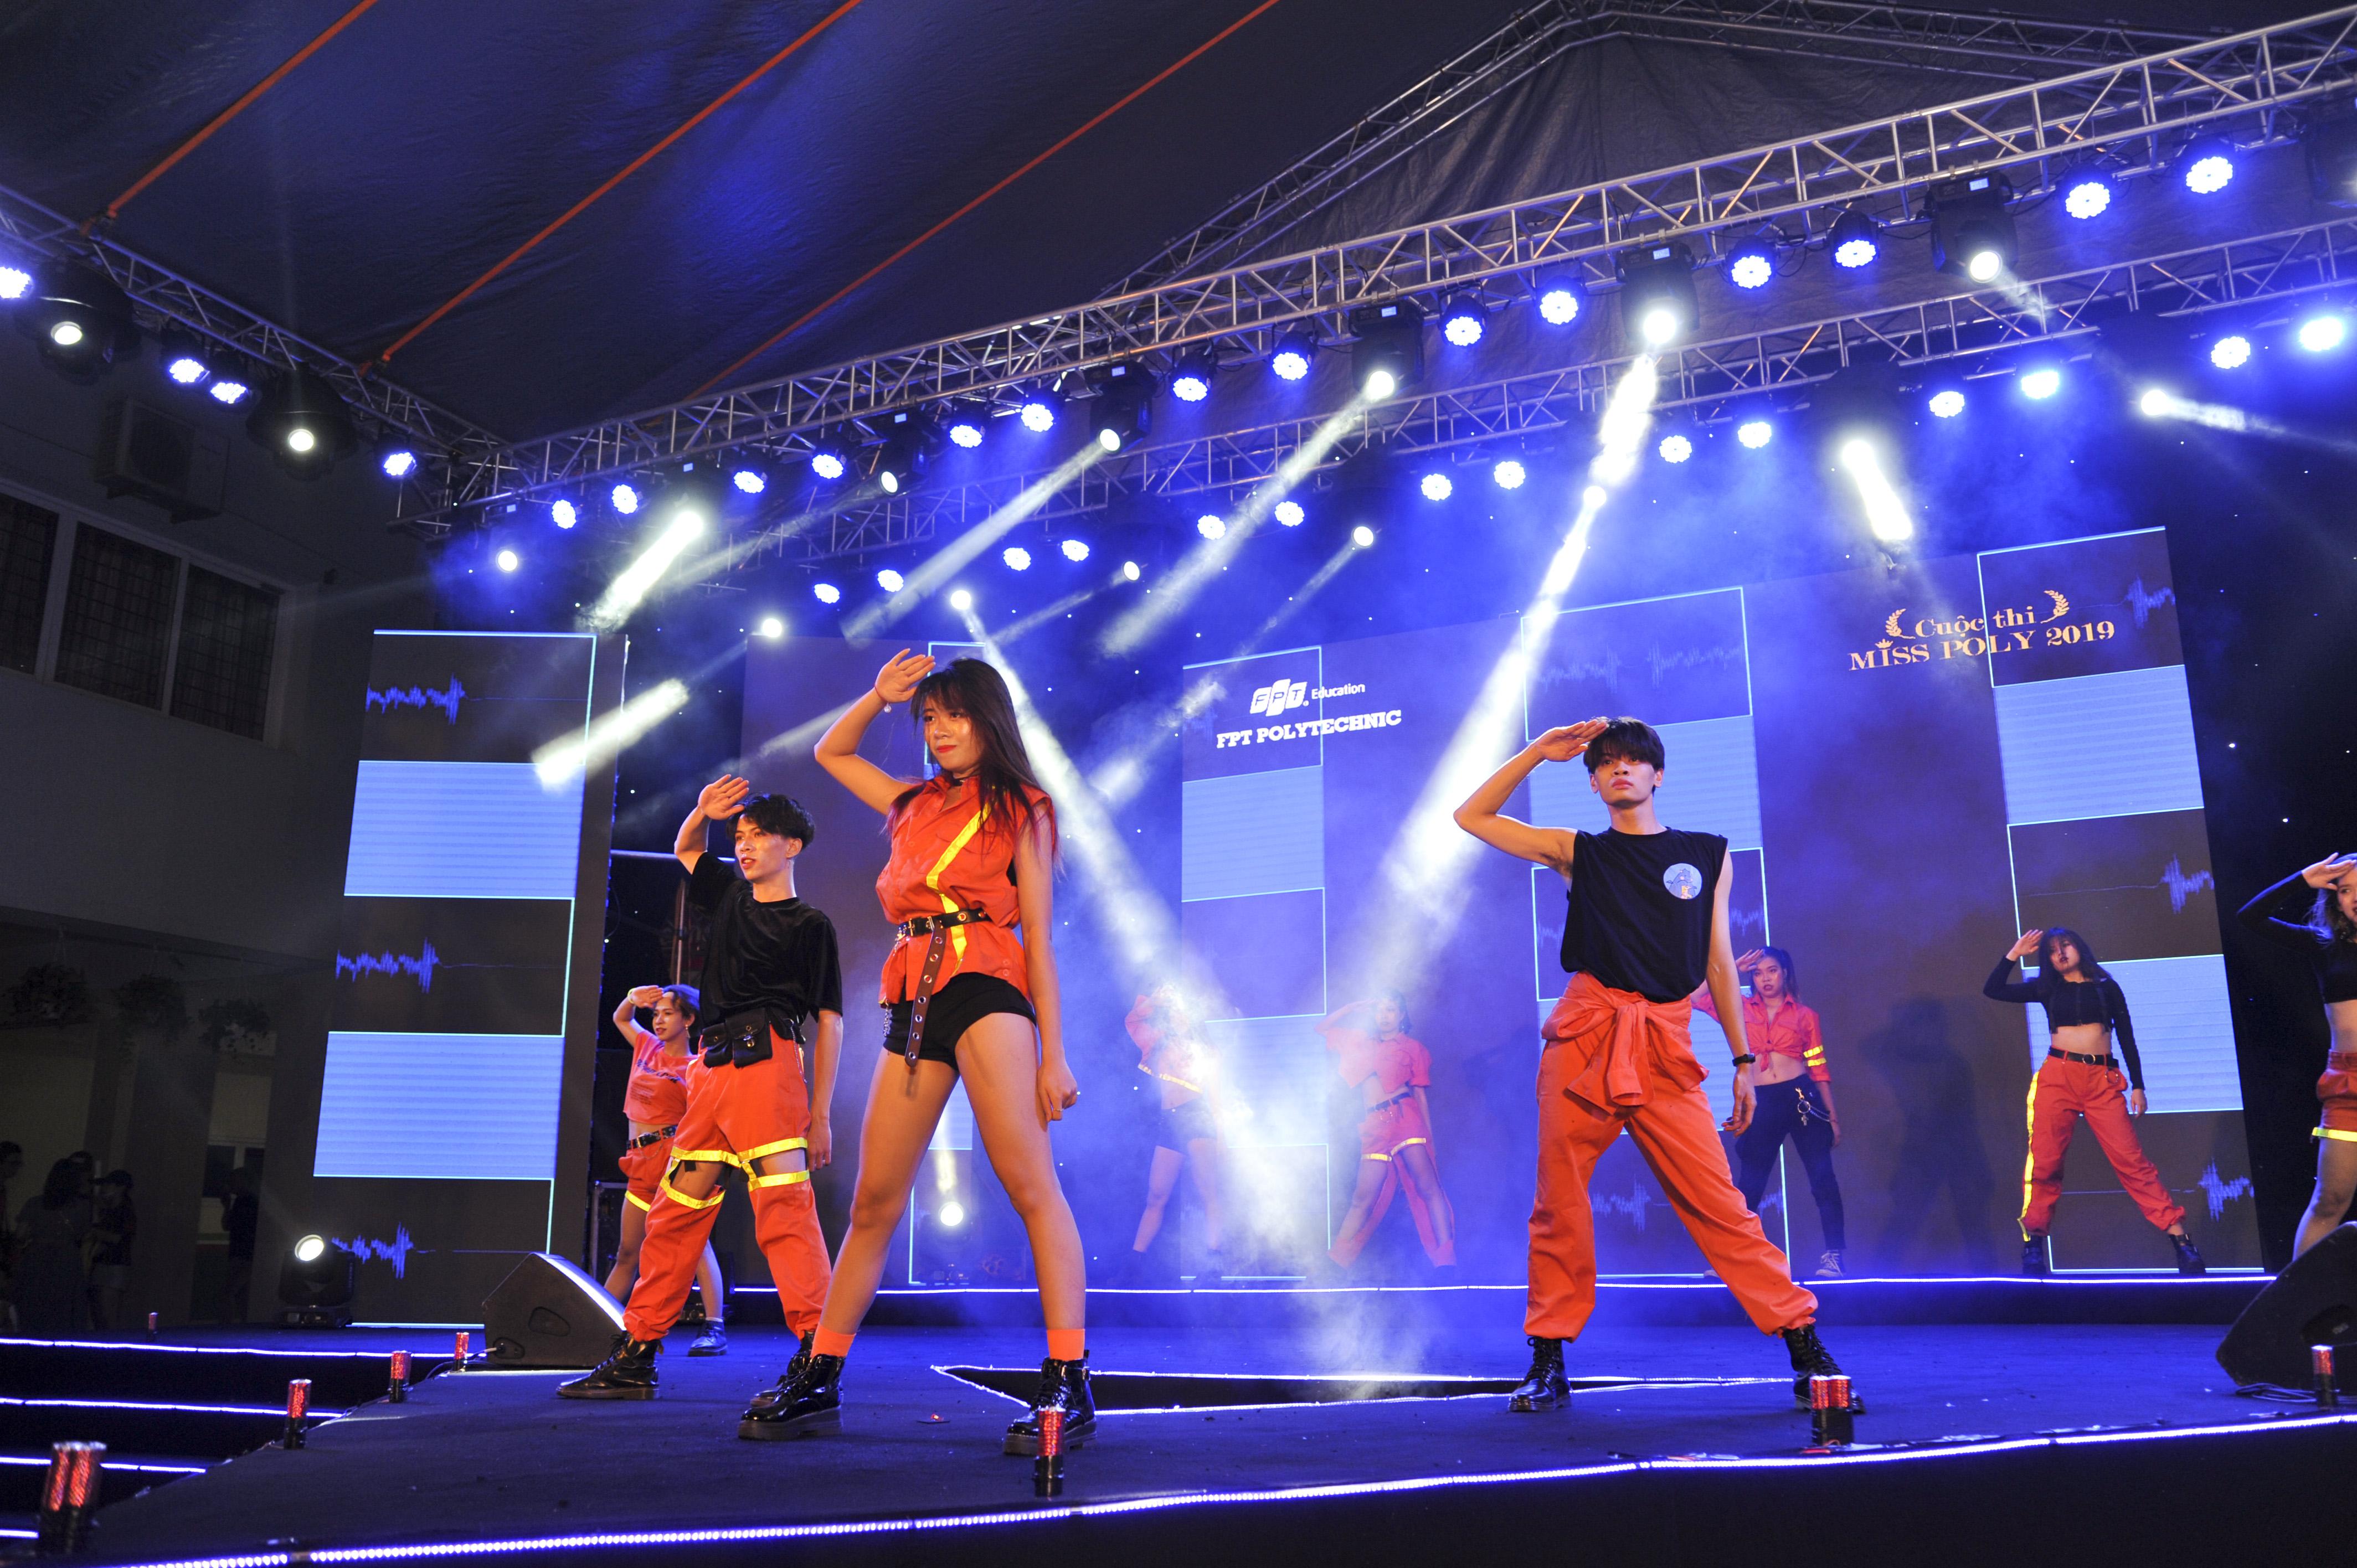 Ngày 25/7, đại nhạc hội Happy Bee 9 và đêm chung kết Miss Poly 2019 đã được tổ chức tại tại Cao đẳng FPT Polytechnic Hà Nội với sự góp mặt của khoảng 3.000 khán giả. Đây là sự kiện chào đón tân sinh viên và cũng là sân chơi dành cho các bạn trẻ Hà Nội trong tháng 7 này.